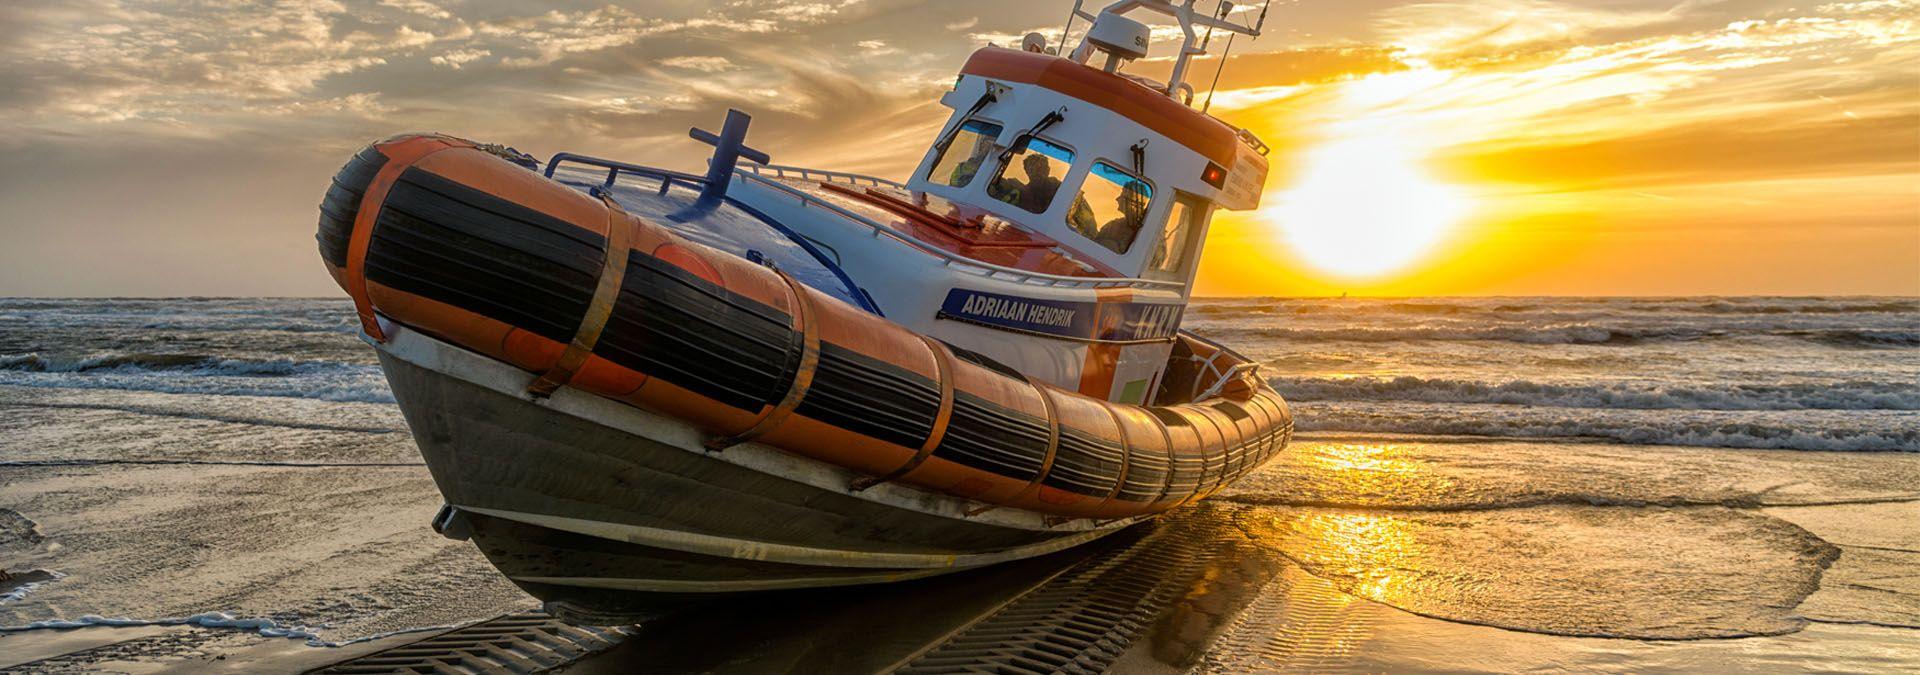 KNRM-hitteplan tips voor op het water